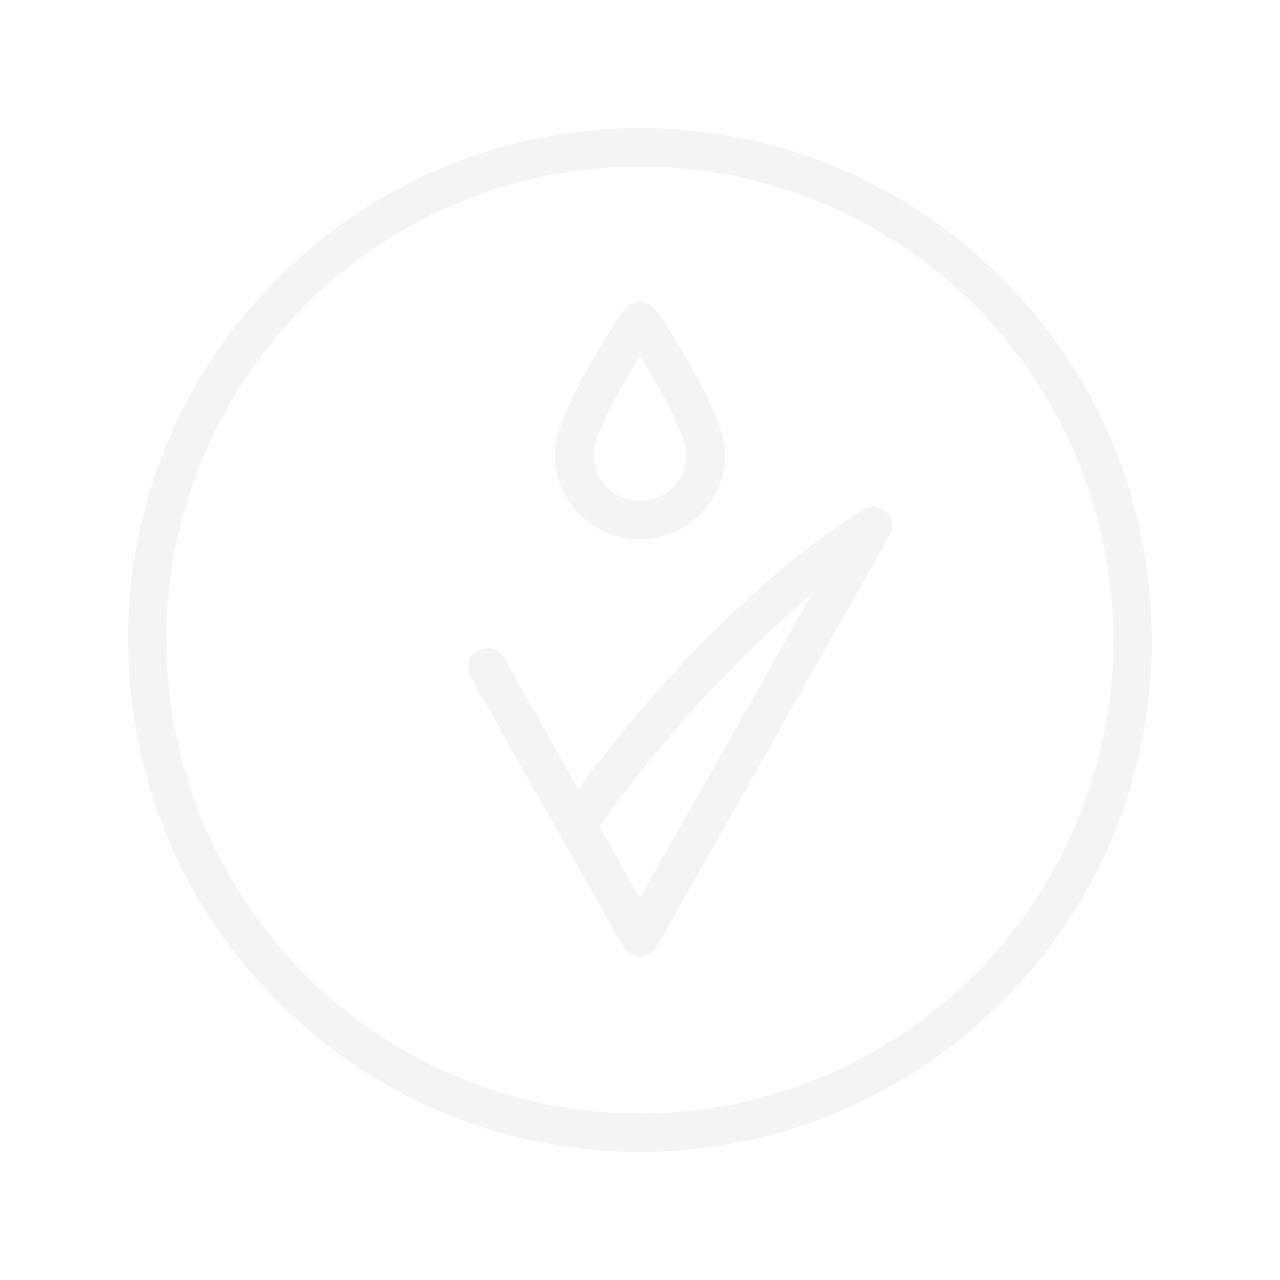 Dior Diorshow New Look Mascara No.090 Black 10ml